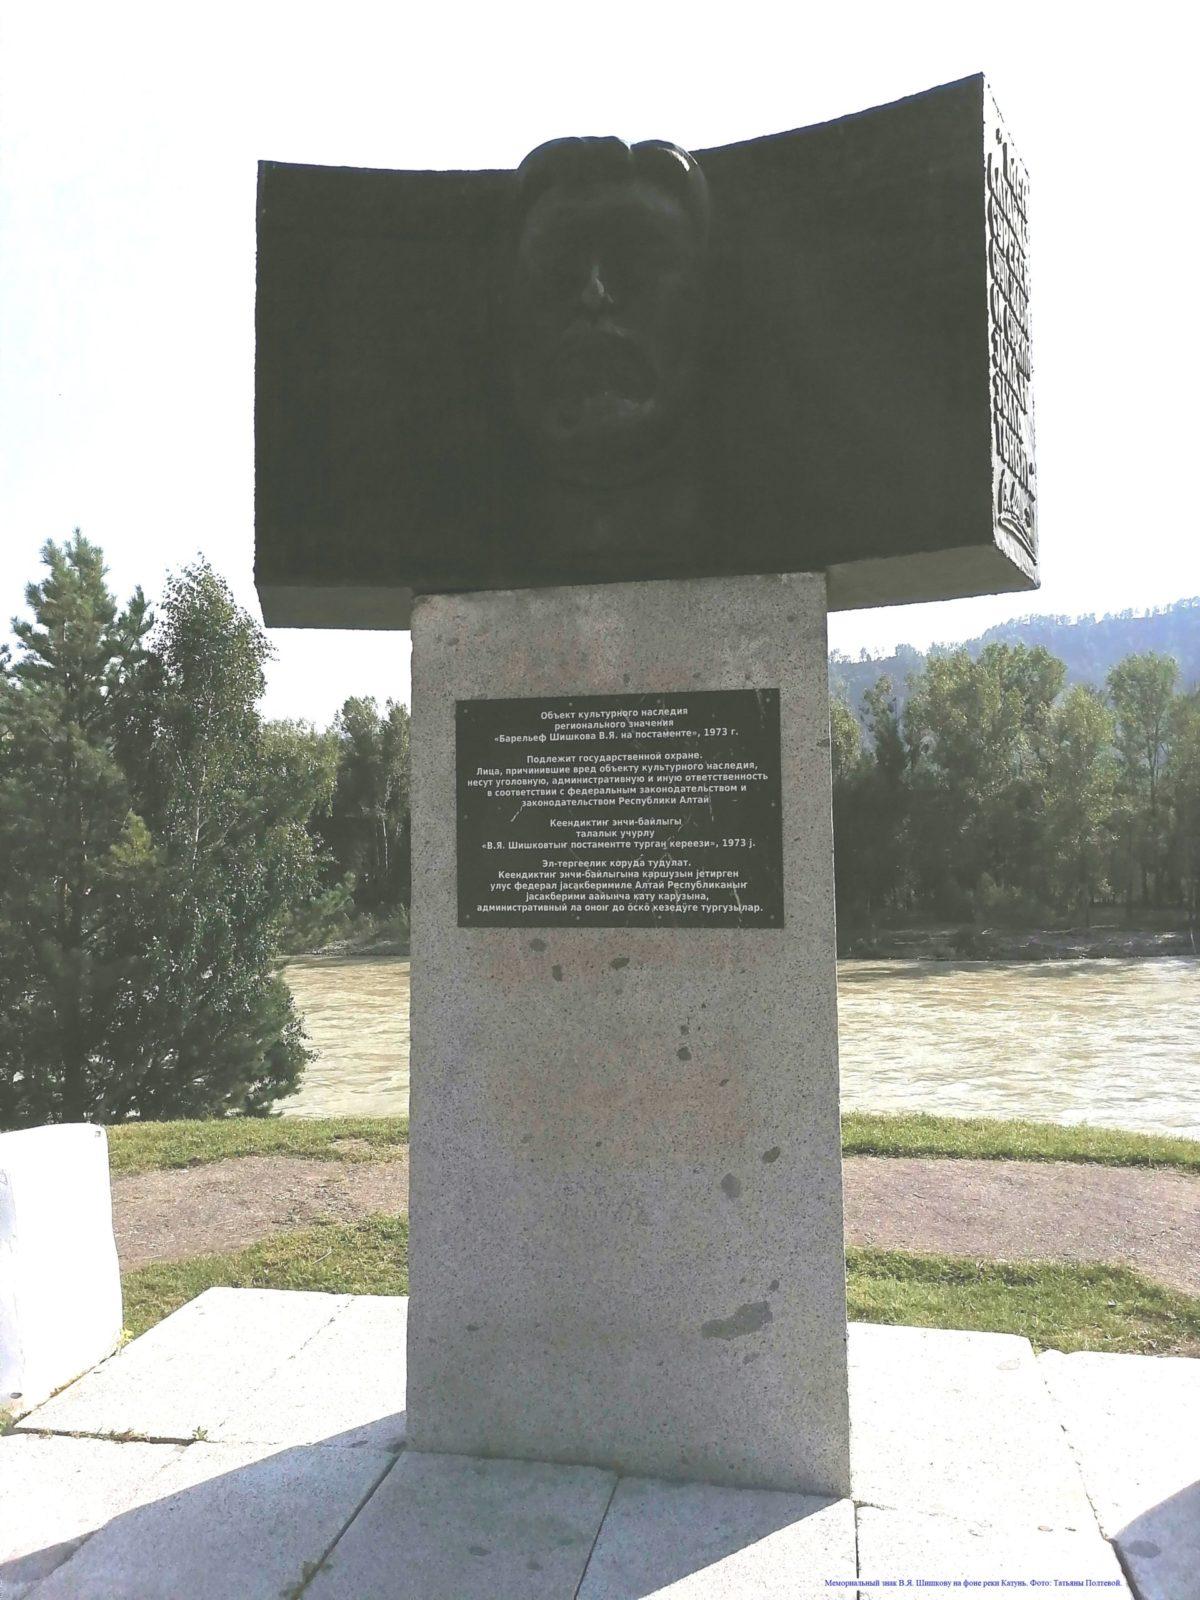 Мемориальный знак В.Я. Шишкову на фоне реки Катунь.